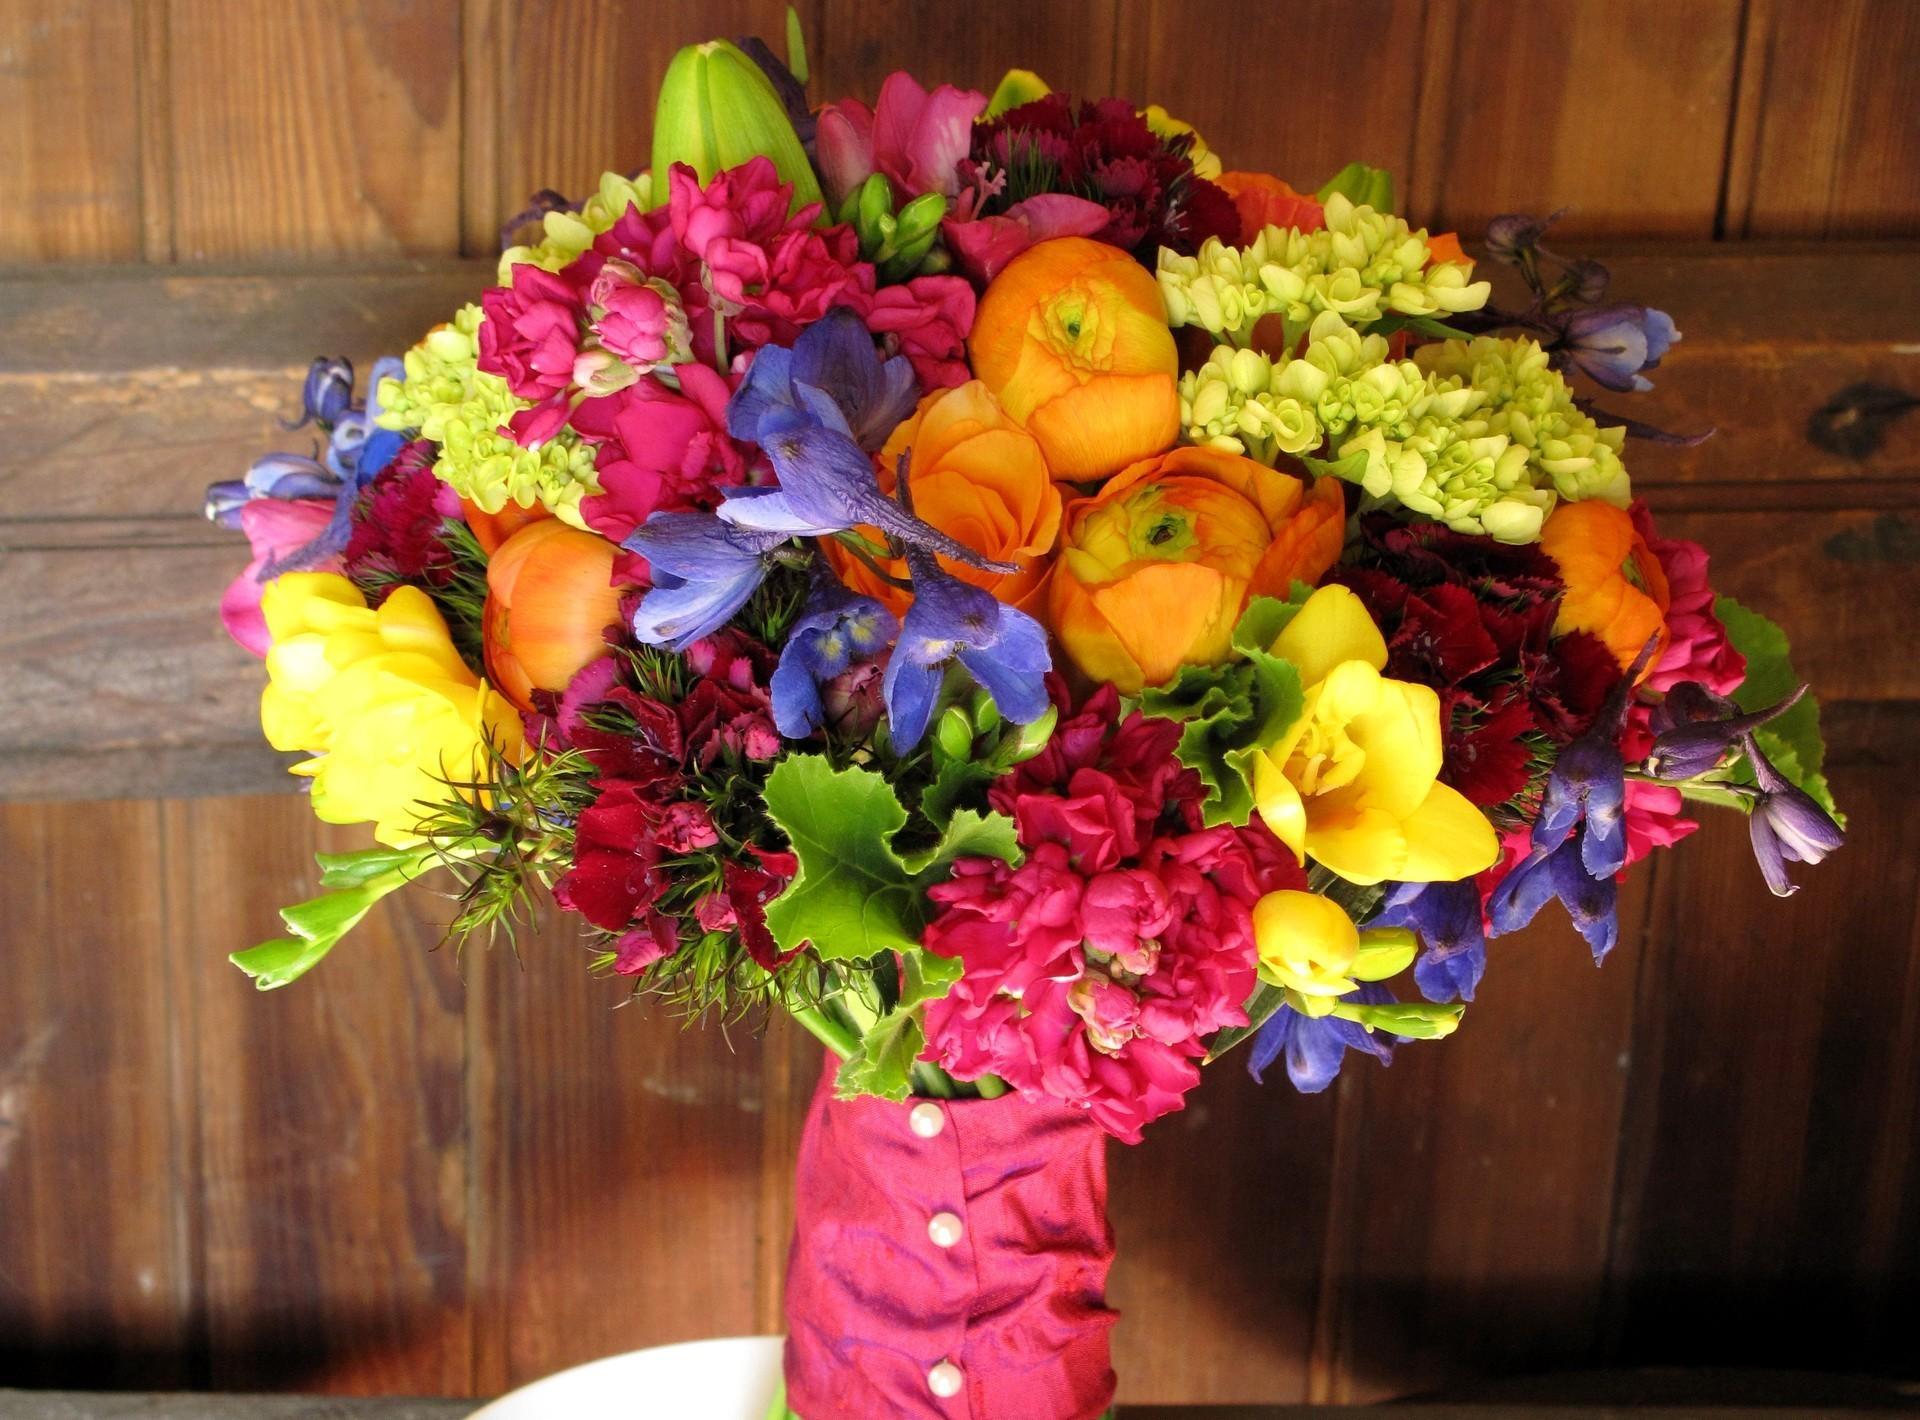 147115 скачать обои Цветы, Букет, Яркие, Красиво, Оформление - заставки и картинки бесплатно